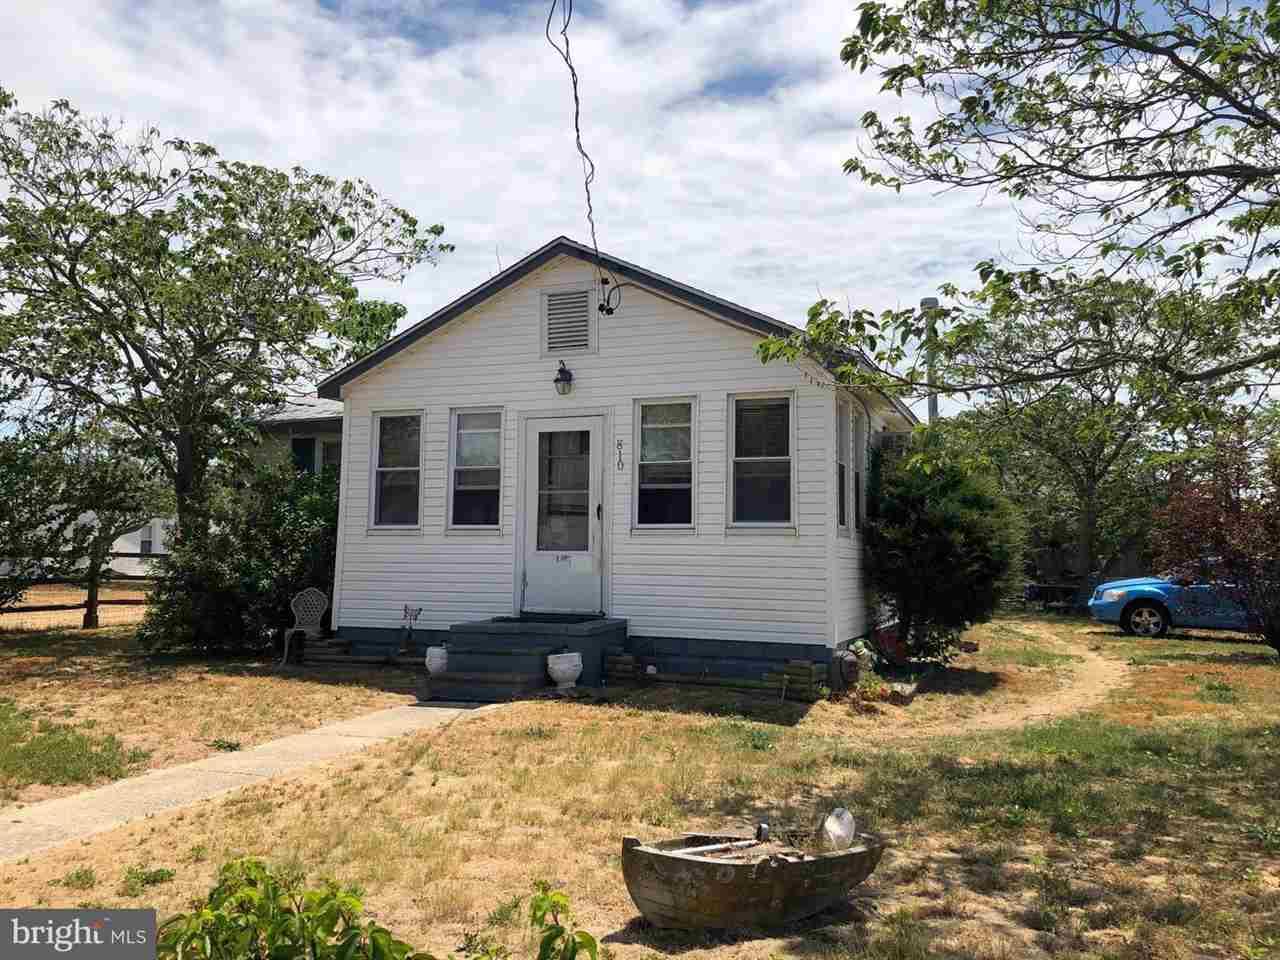 810 Delaware - Villas